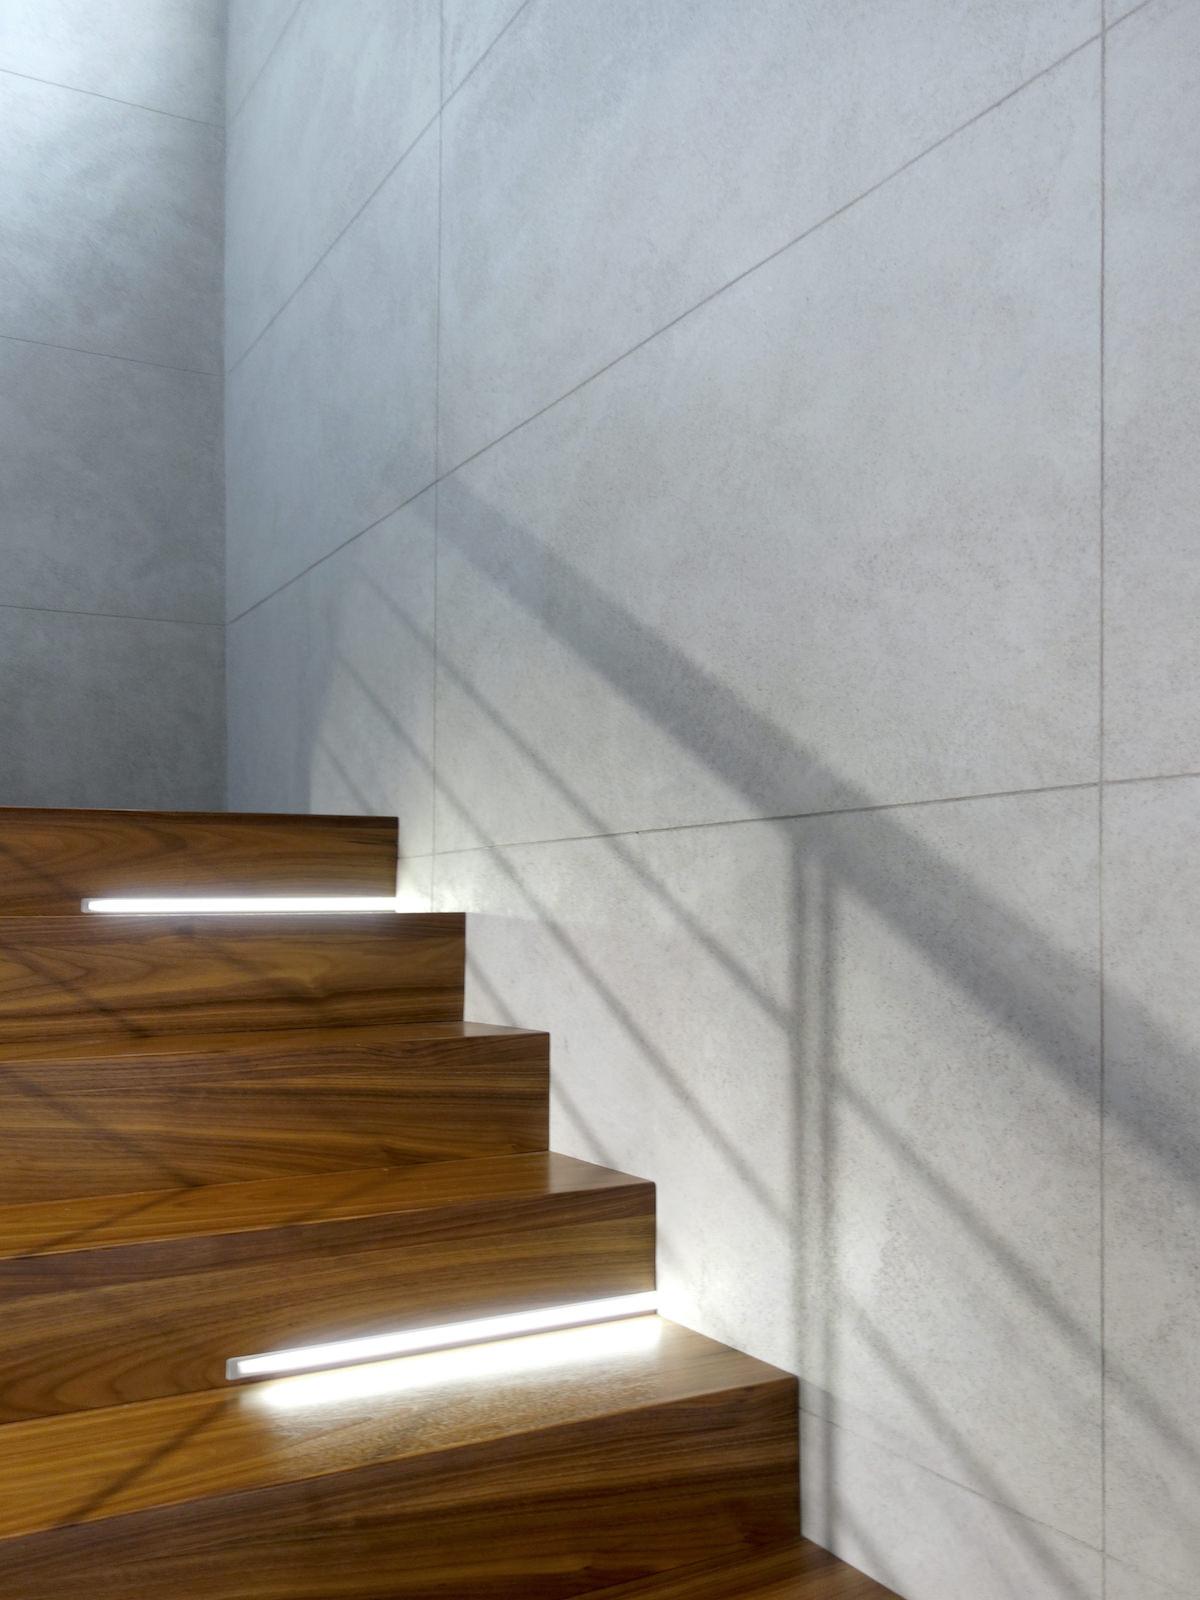 3 projektant wnetrz R056 dom dabrowa gornicza schody podswietlenie led schody dywanowe